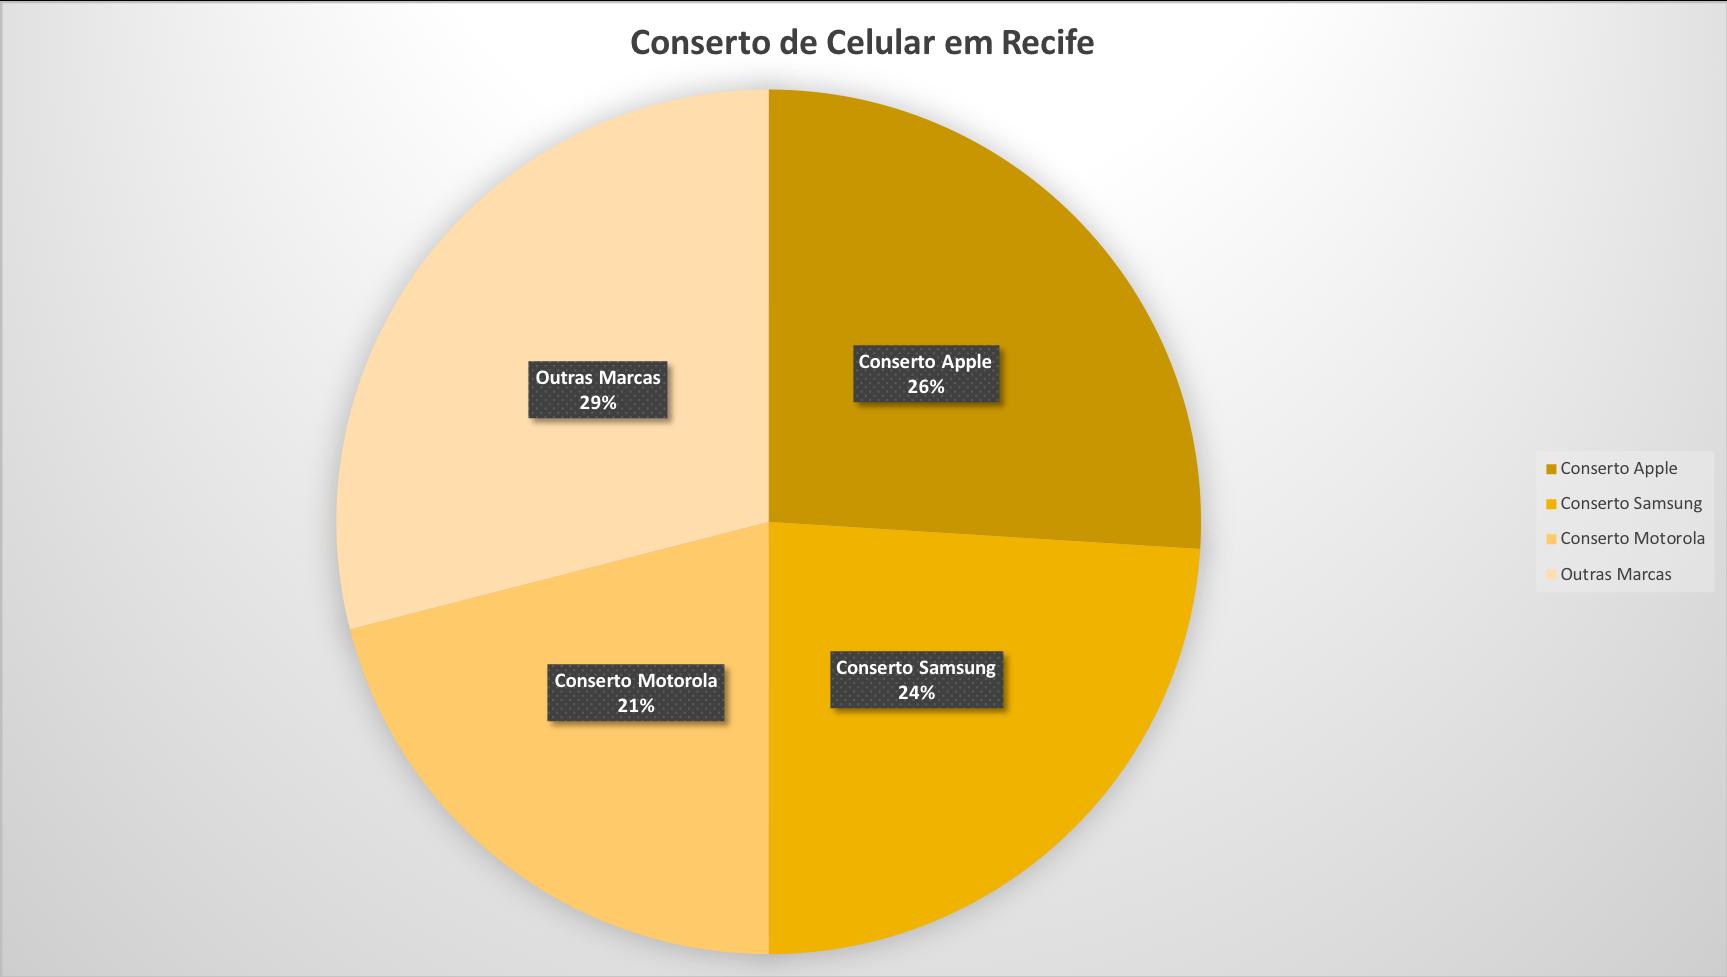 Conserto de Celular em Recife - Grafico